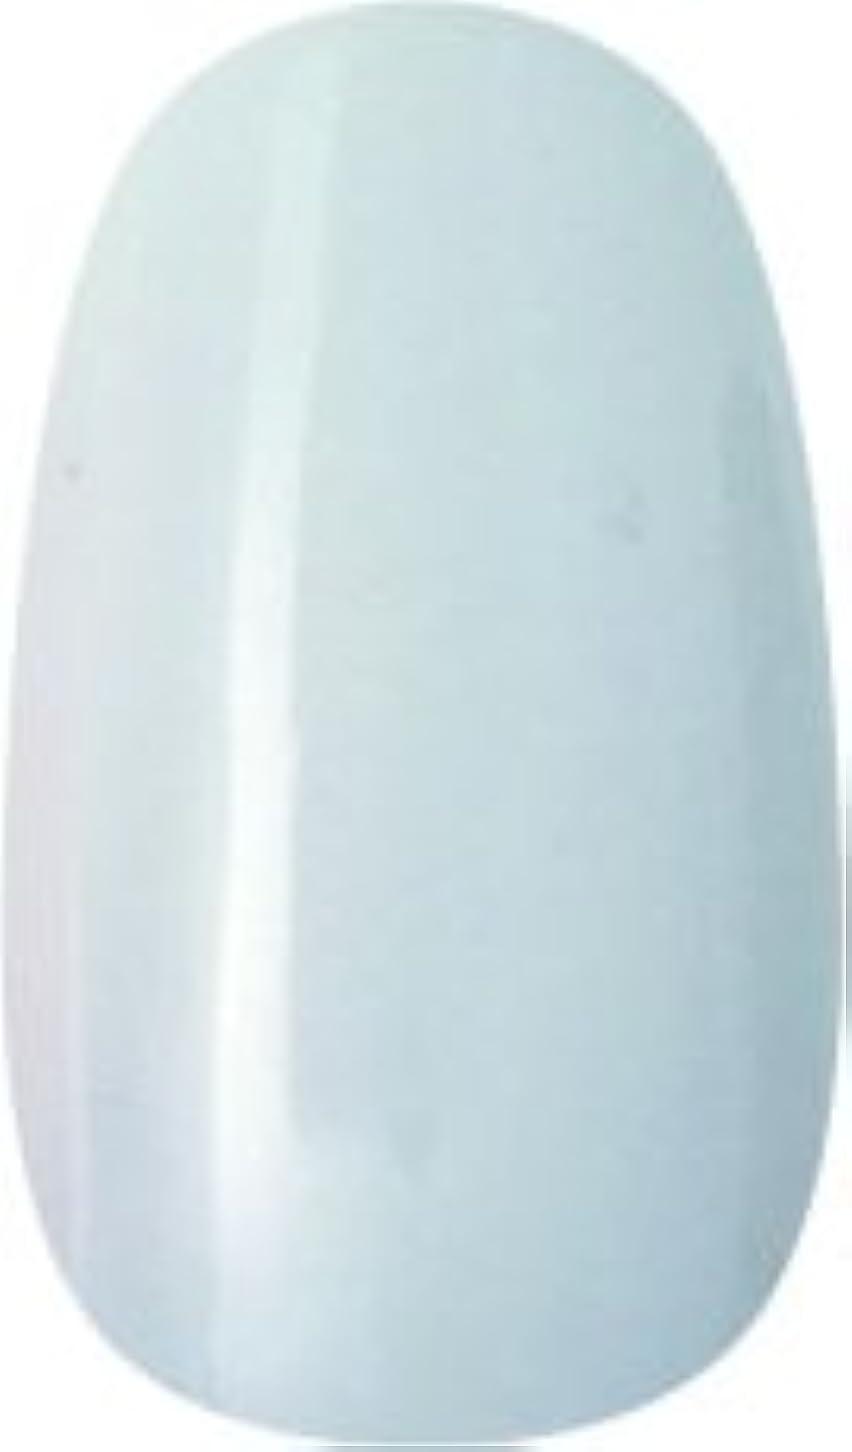 刺す劣る主にラク カラージェル(67-アイスホワイト)8g 今話題のラクジェル 素早く仕上カラージェル 抜群の発色とツヤ 国産ポリッシュタイプ オールインワン ワンステップジェルネイル RAKU COLOR GEL #67